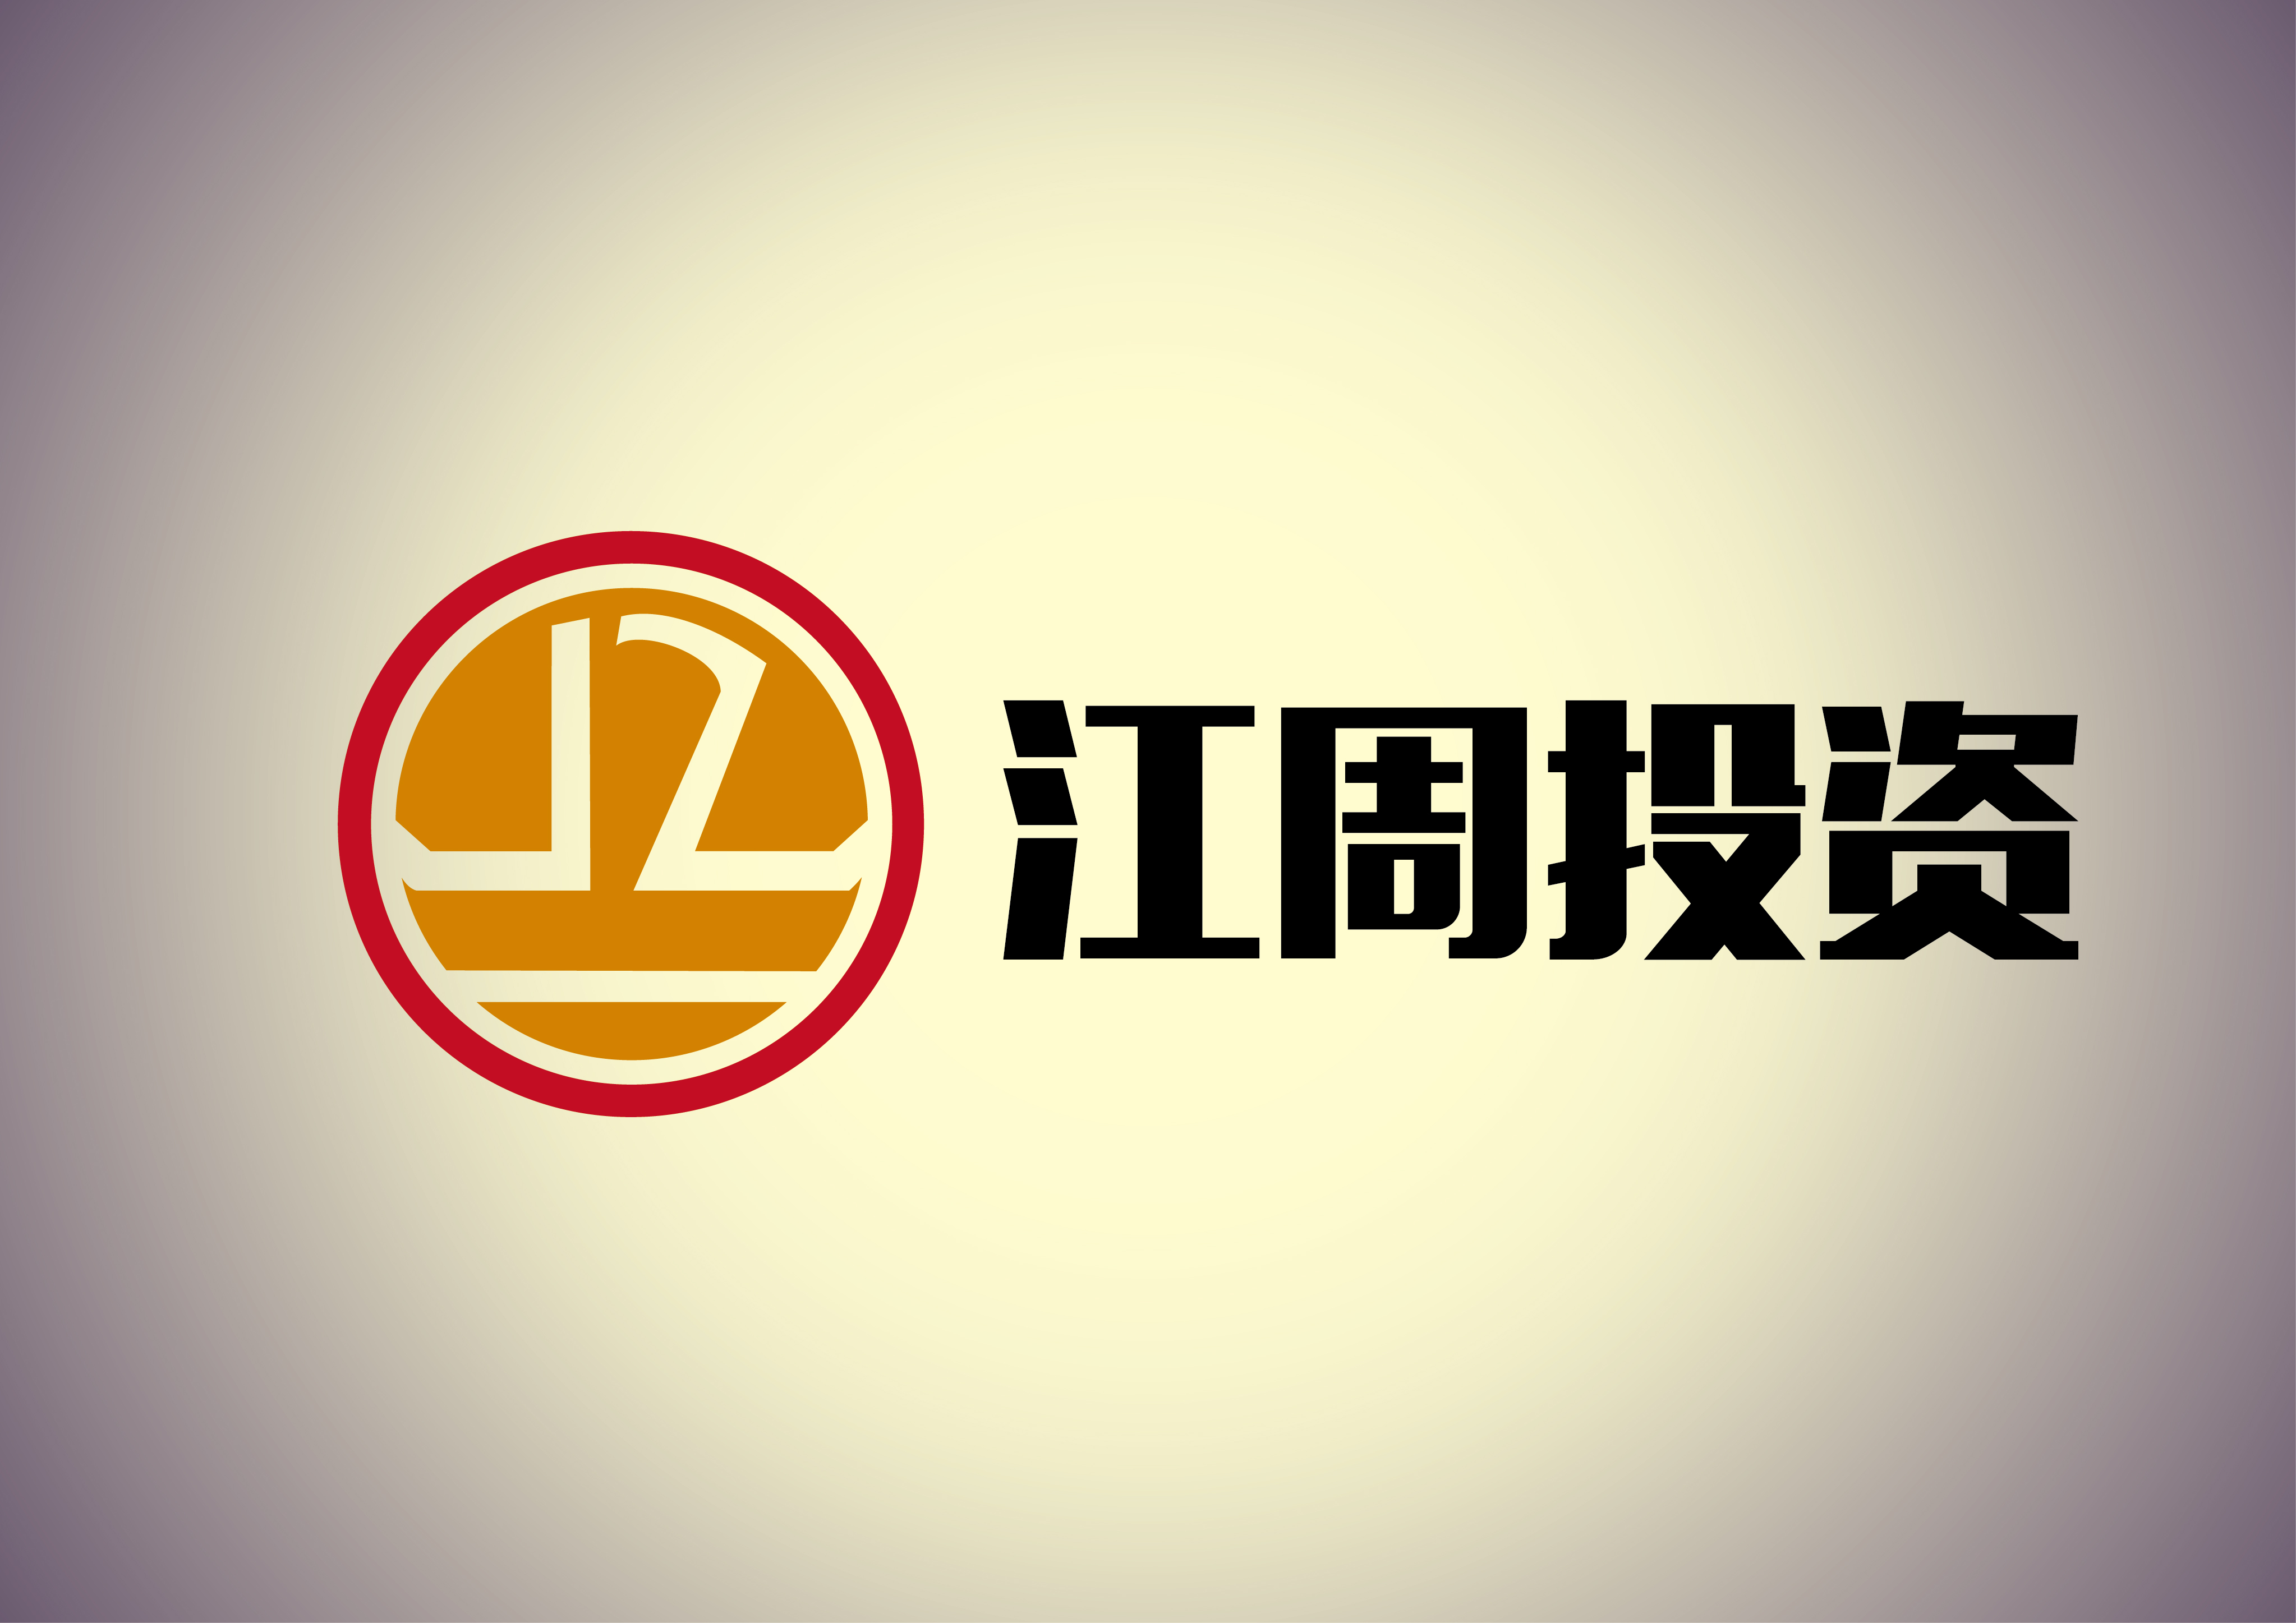 """设计说明:logo中将""""江周""""二字的首字母""""jz""""创意的变形组合,组成的"""